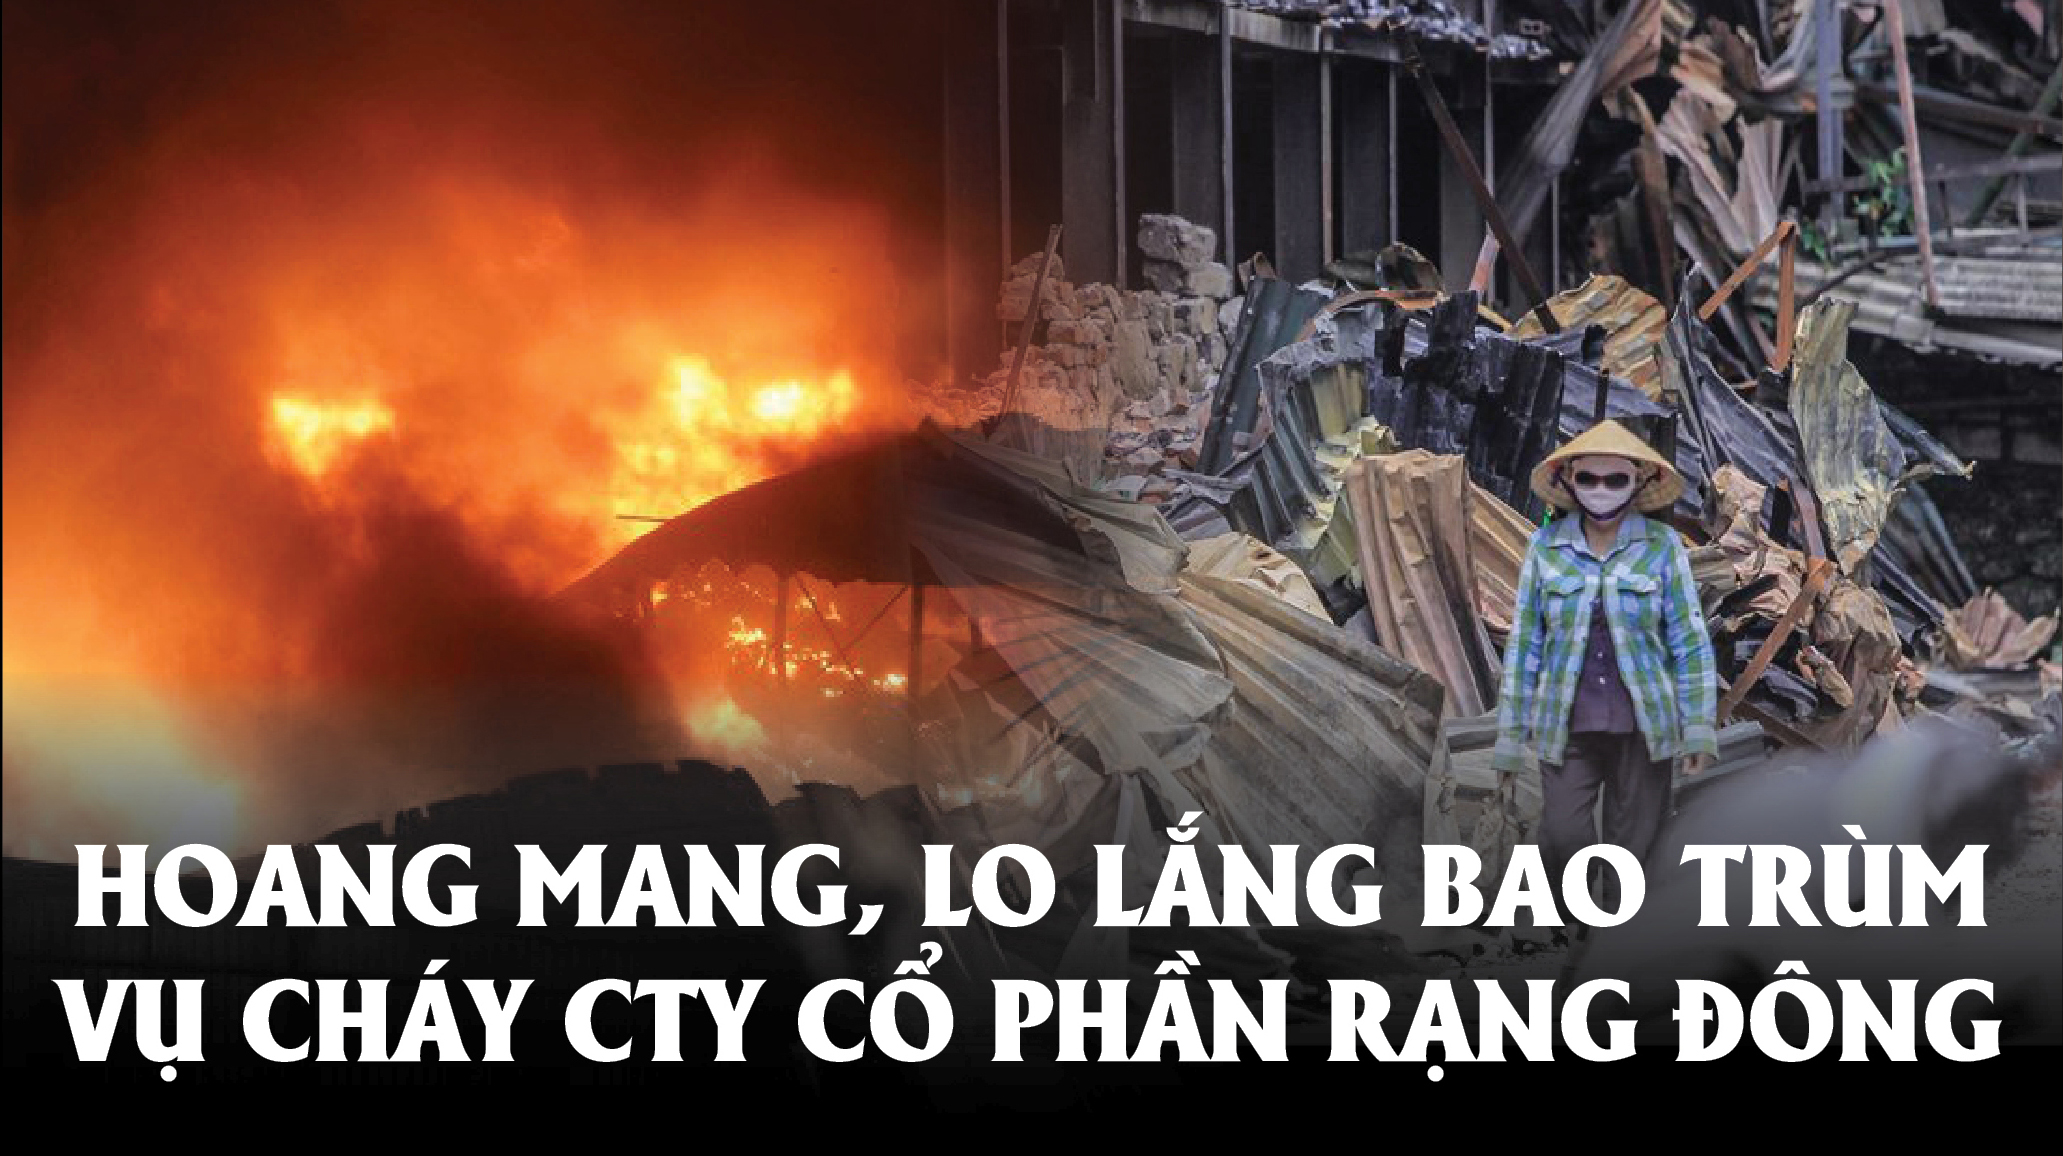 Người Hà Nội chờ câu trả lời về nguy cơ nhiễm độc sau vụ cháy Rạng Đông